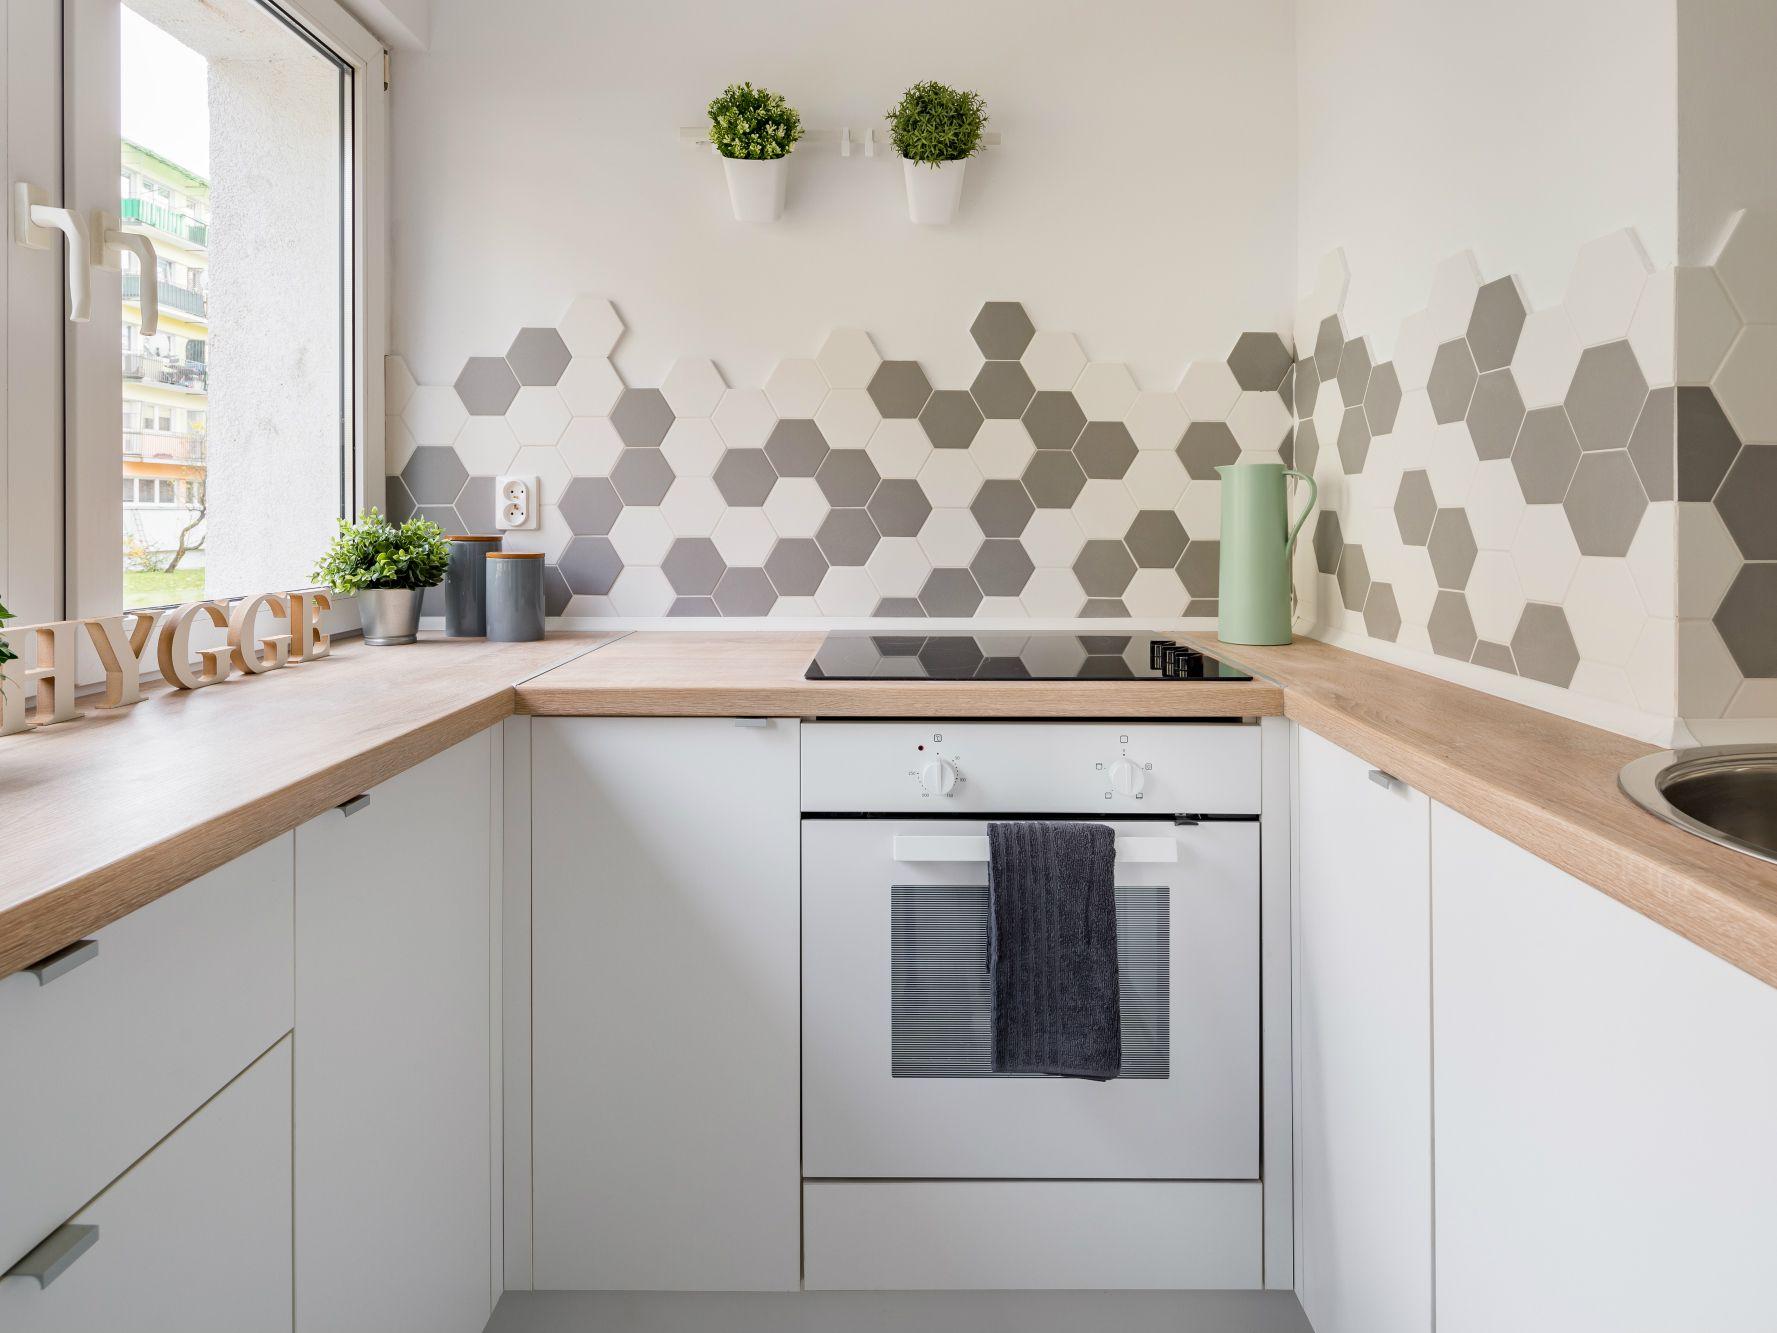 - 20 Unique Kitchen Backsplashes That Aren't Subway Tile